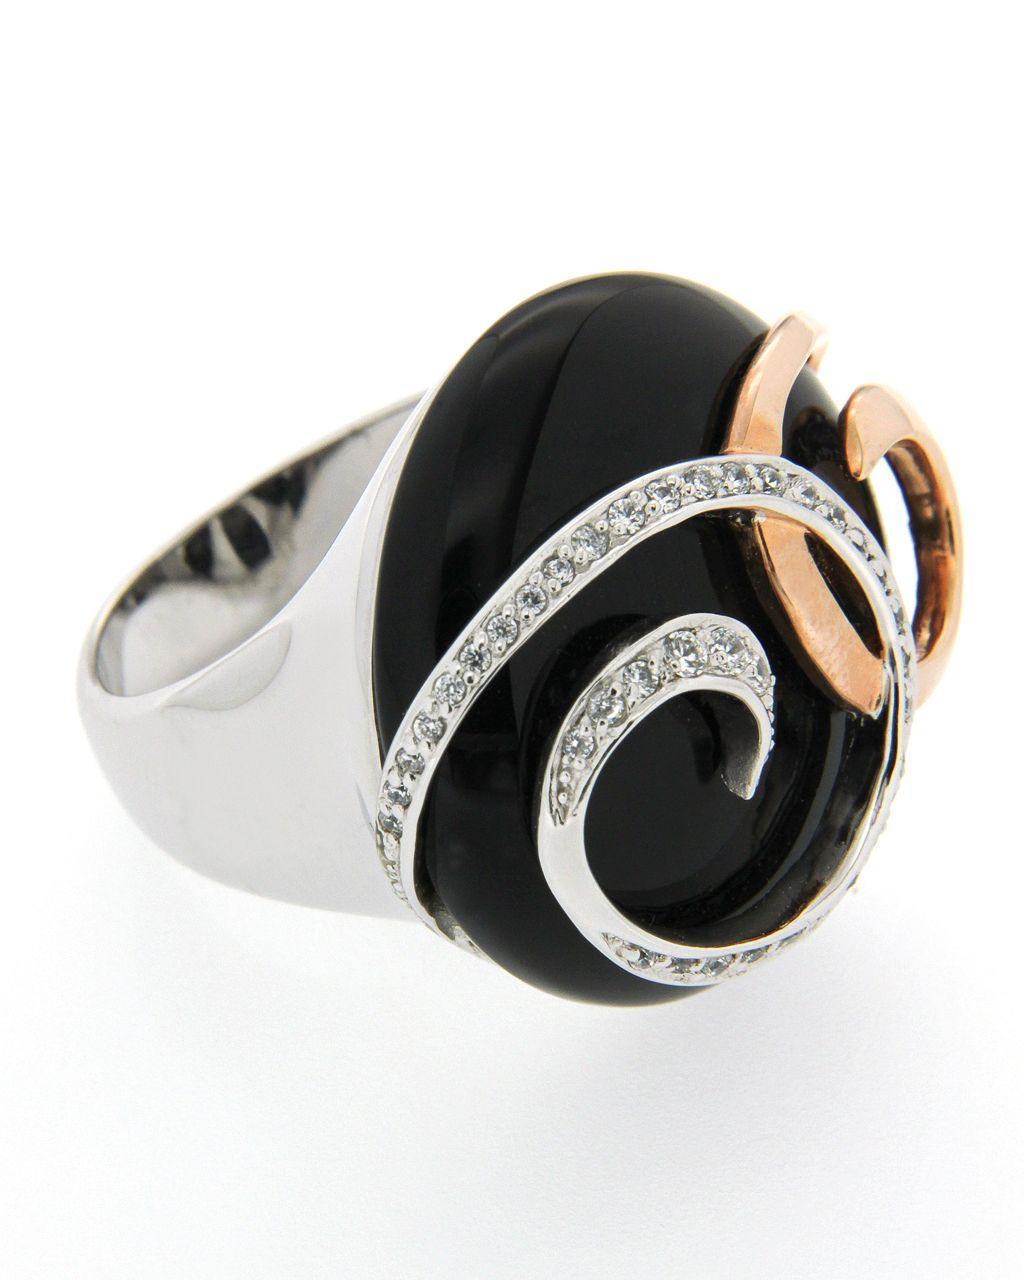 Δαχτυλίδι από επιχρυσωμένο ασήμι 925 με Όνυχα AD02448   γυναικα δαχτυλίδια δαχτυλίδια ημιπολύτιμοι λίθοι